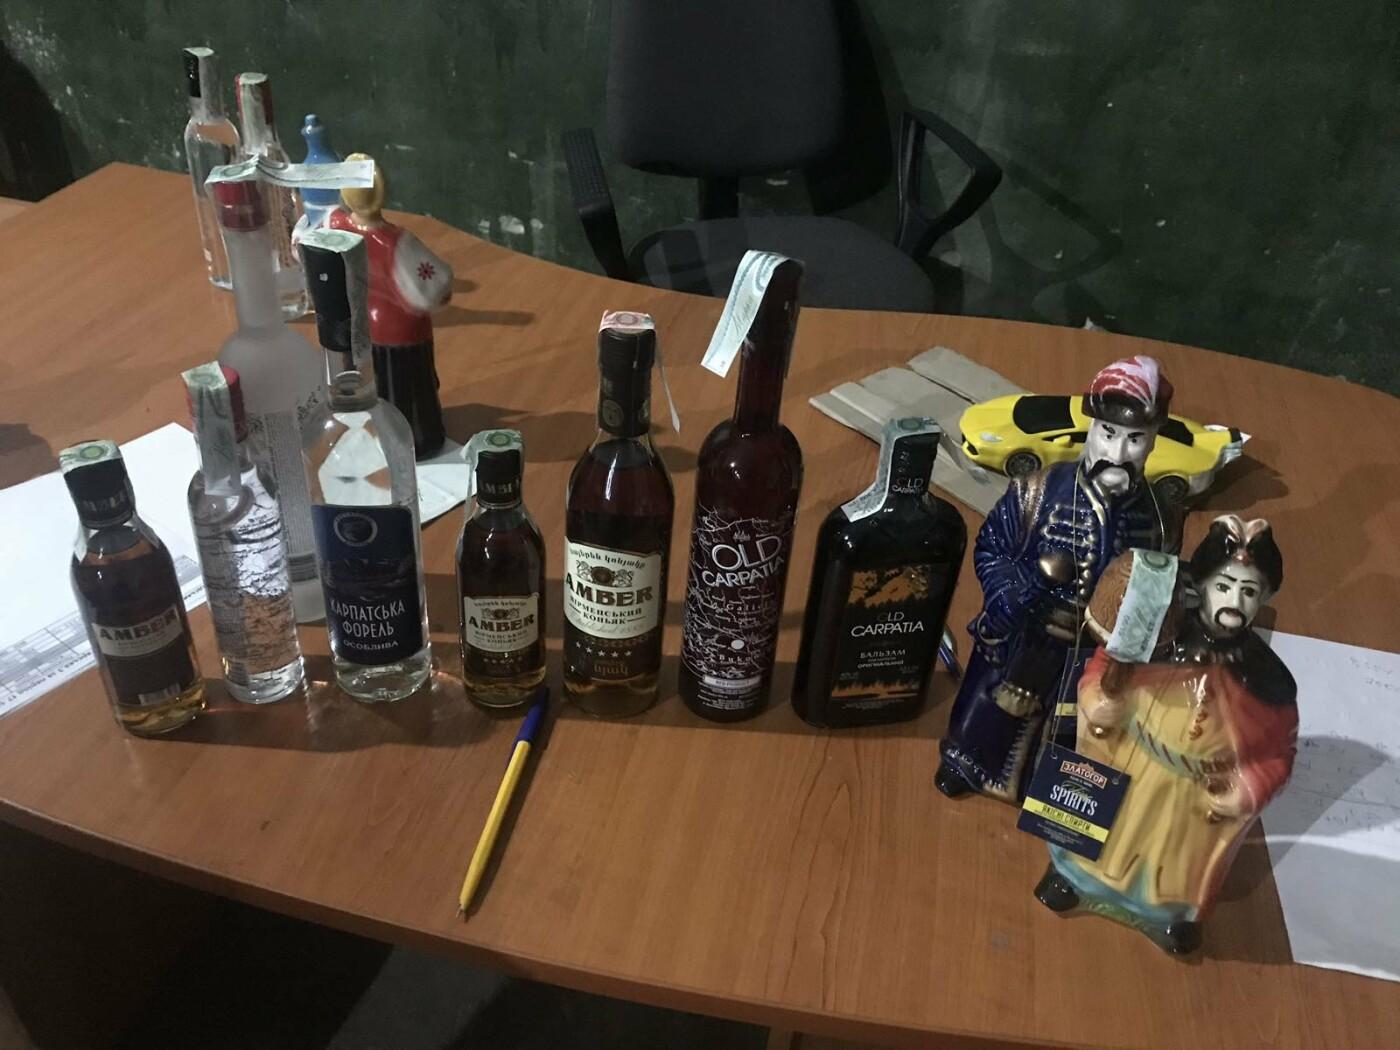 Податківці вилучили в Ужгороді  партію алкоголю вартістю понад 2 млн грн (ФОТО), фото-2